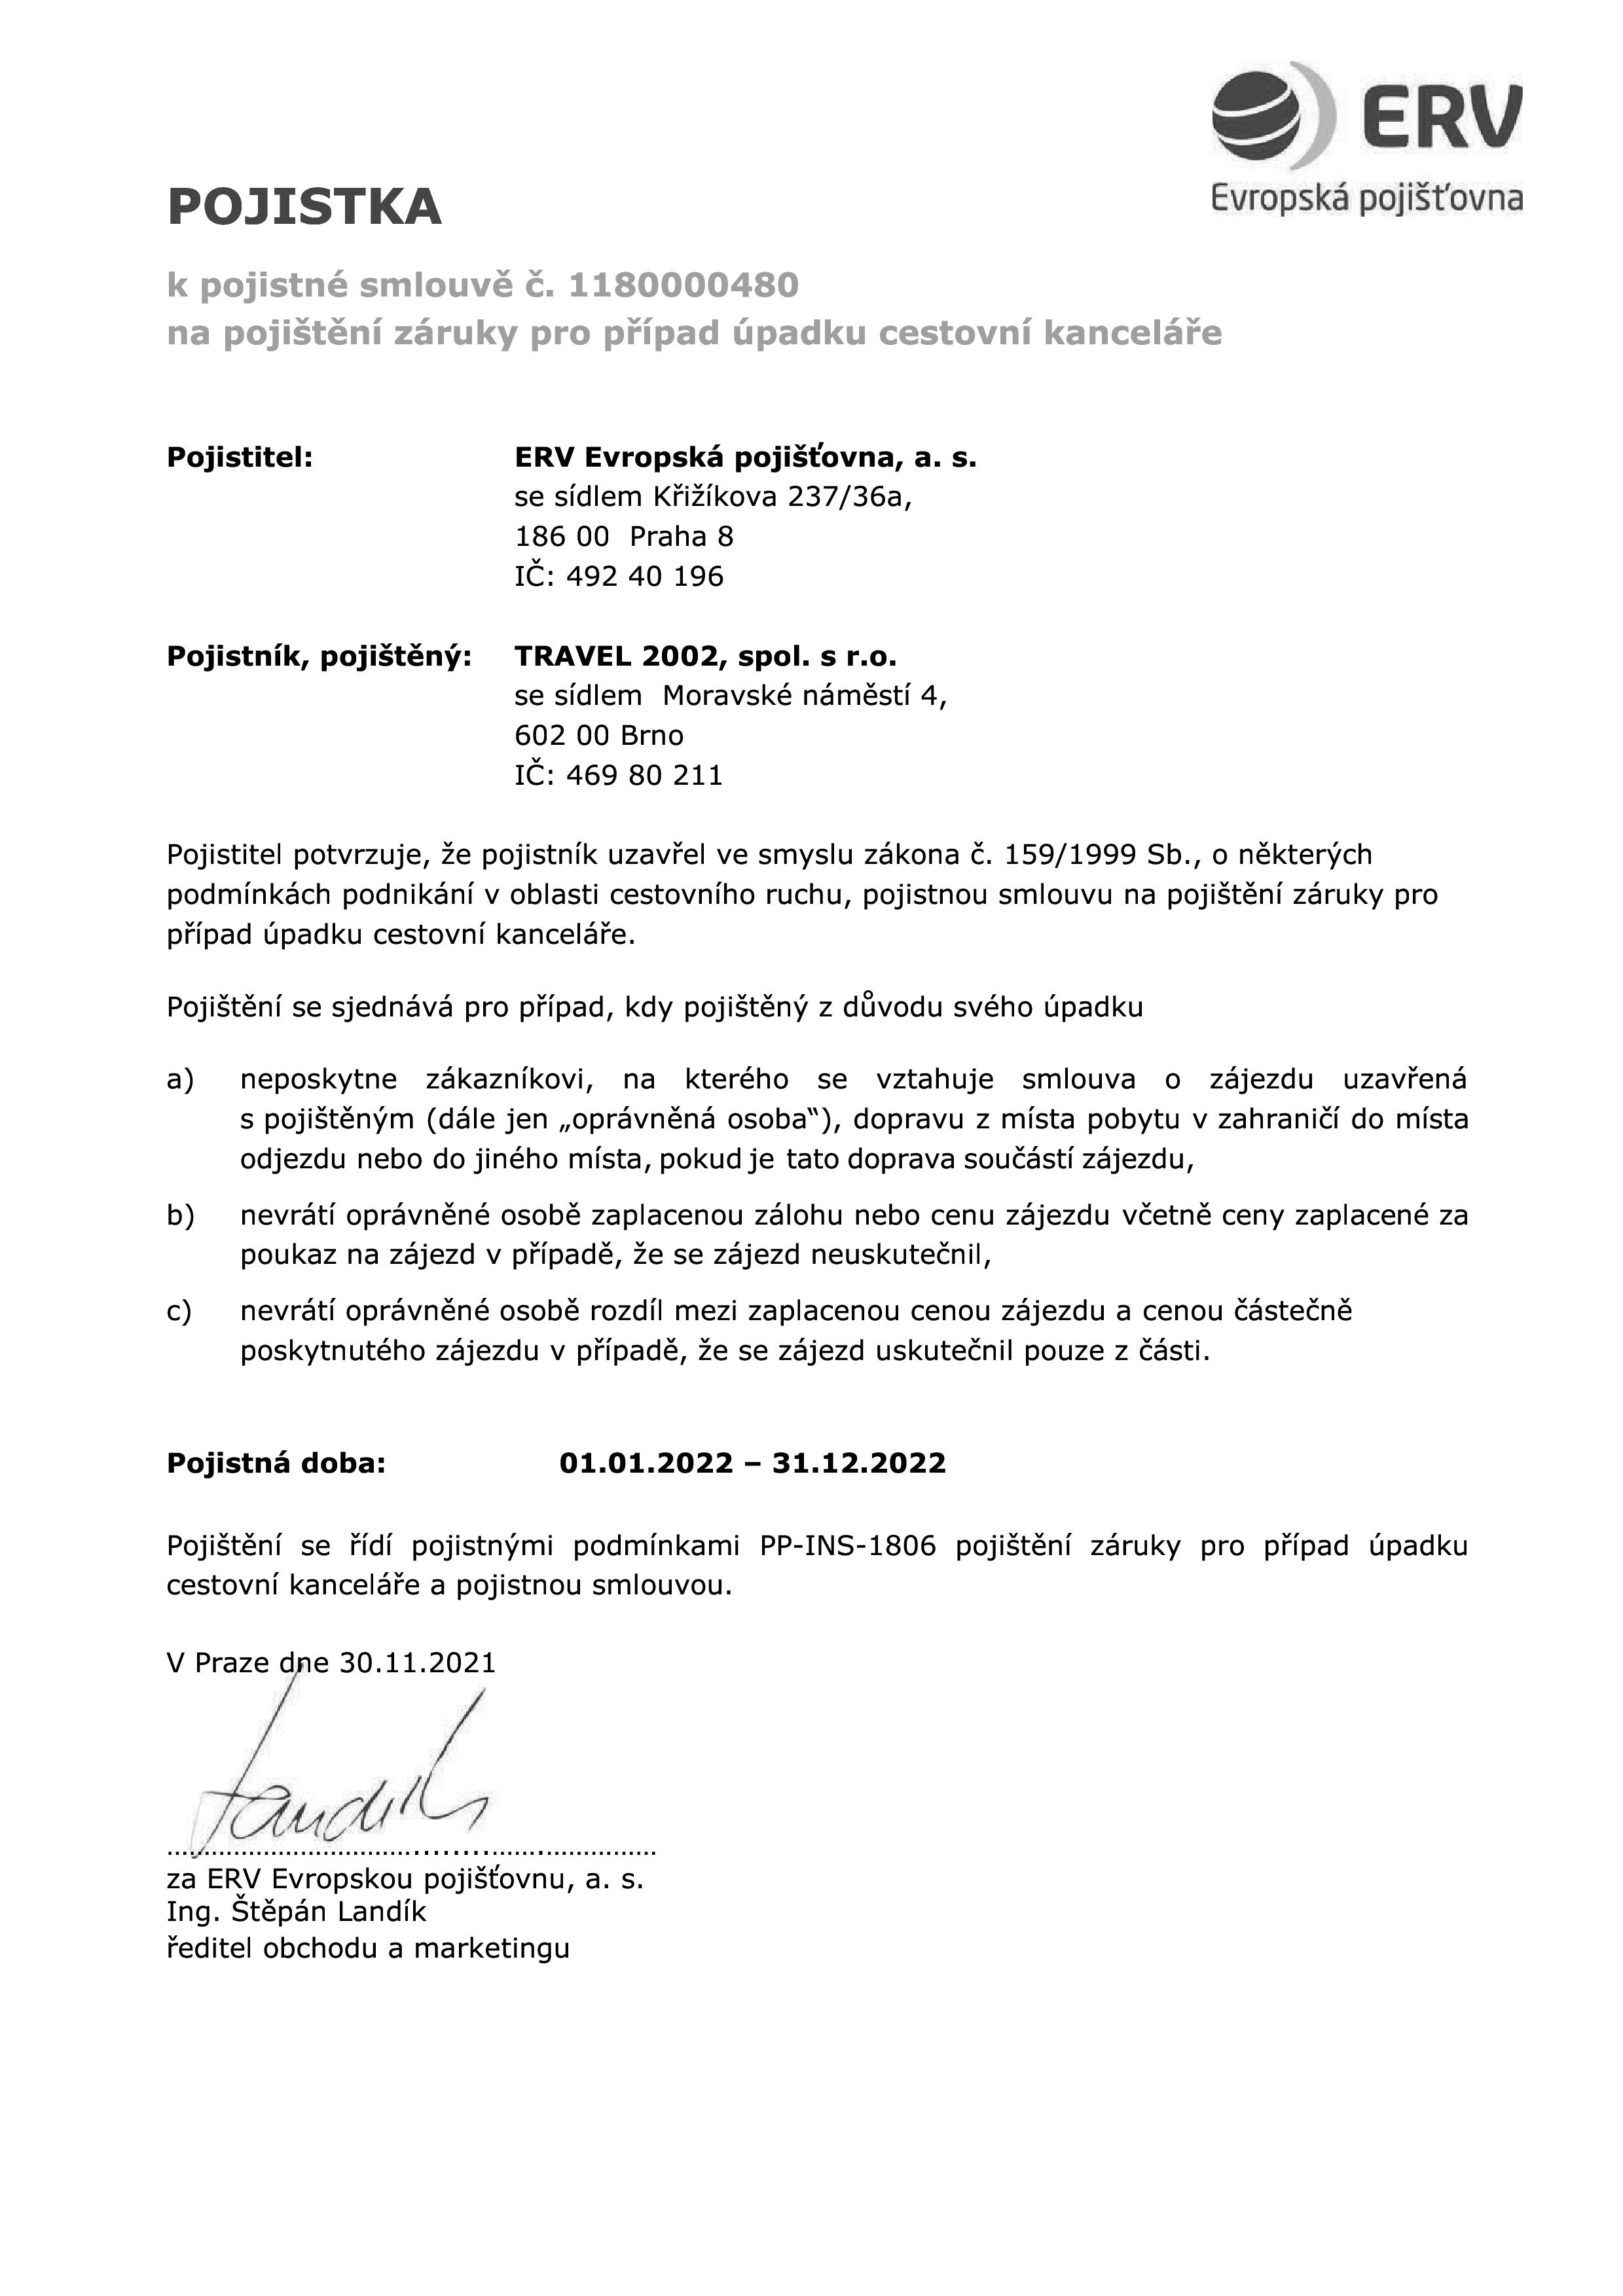 Travel2002 / Certifikát pojištění proti úpadku Travel 2002